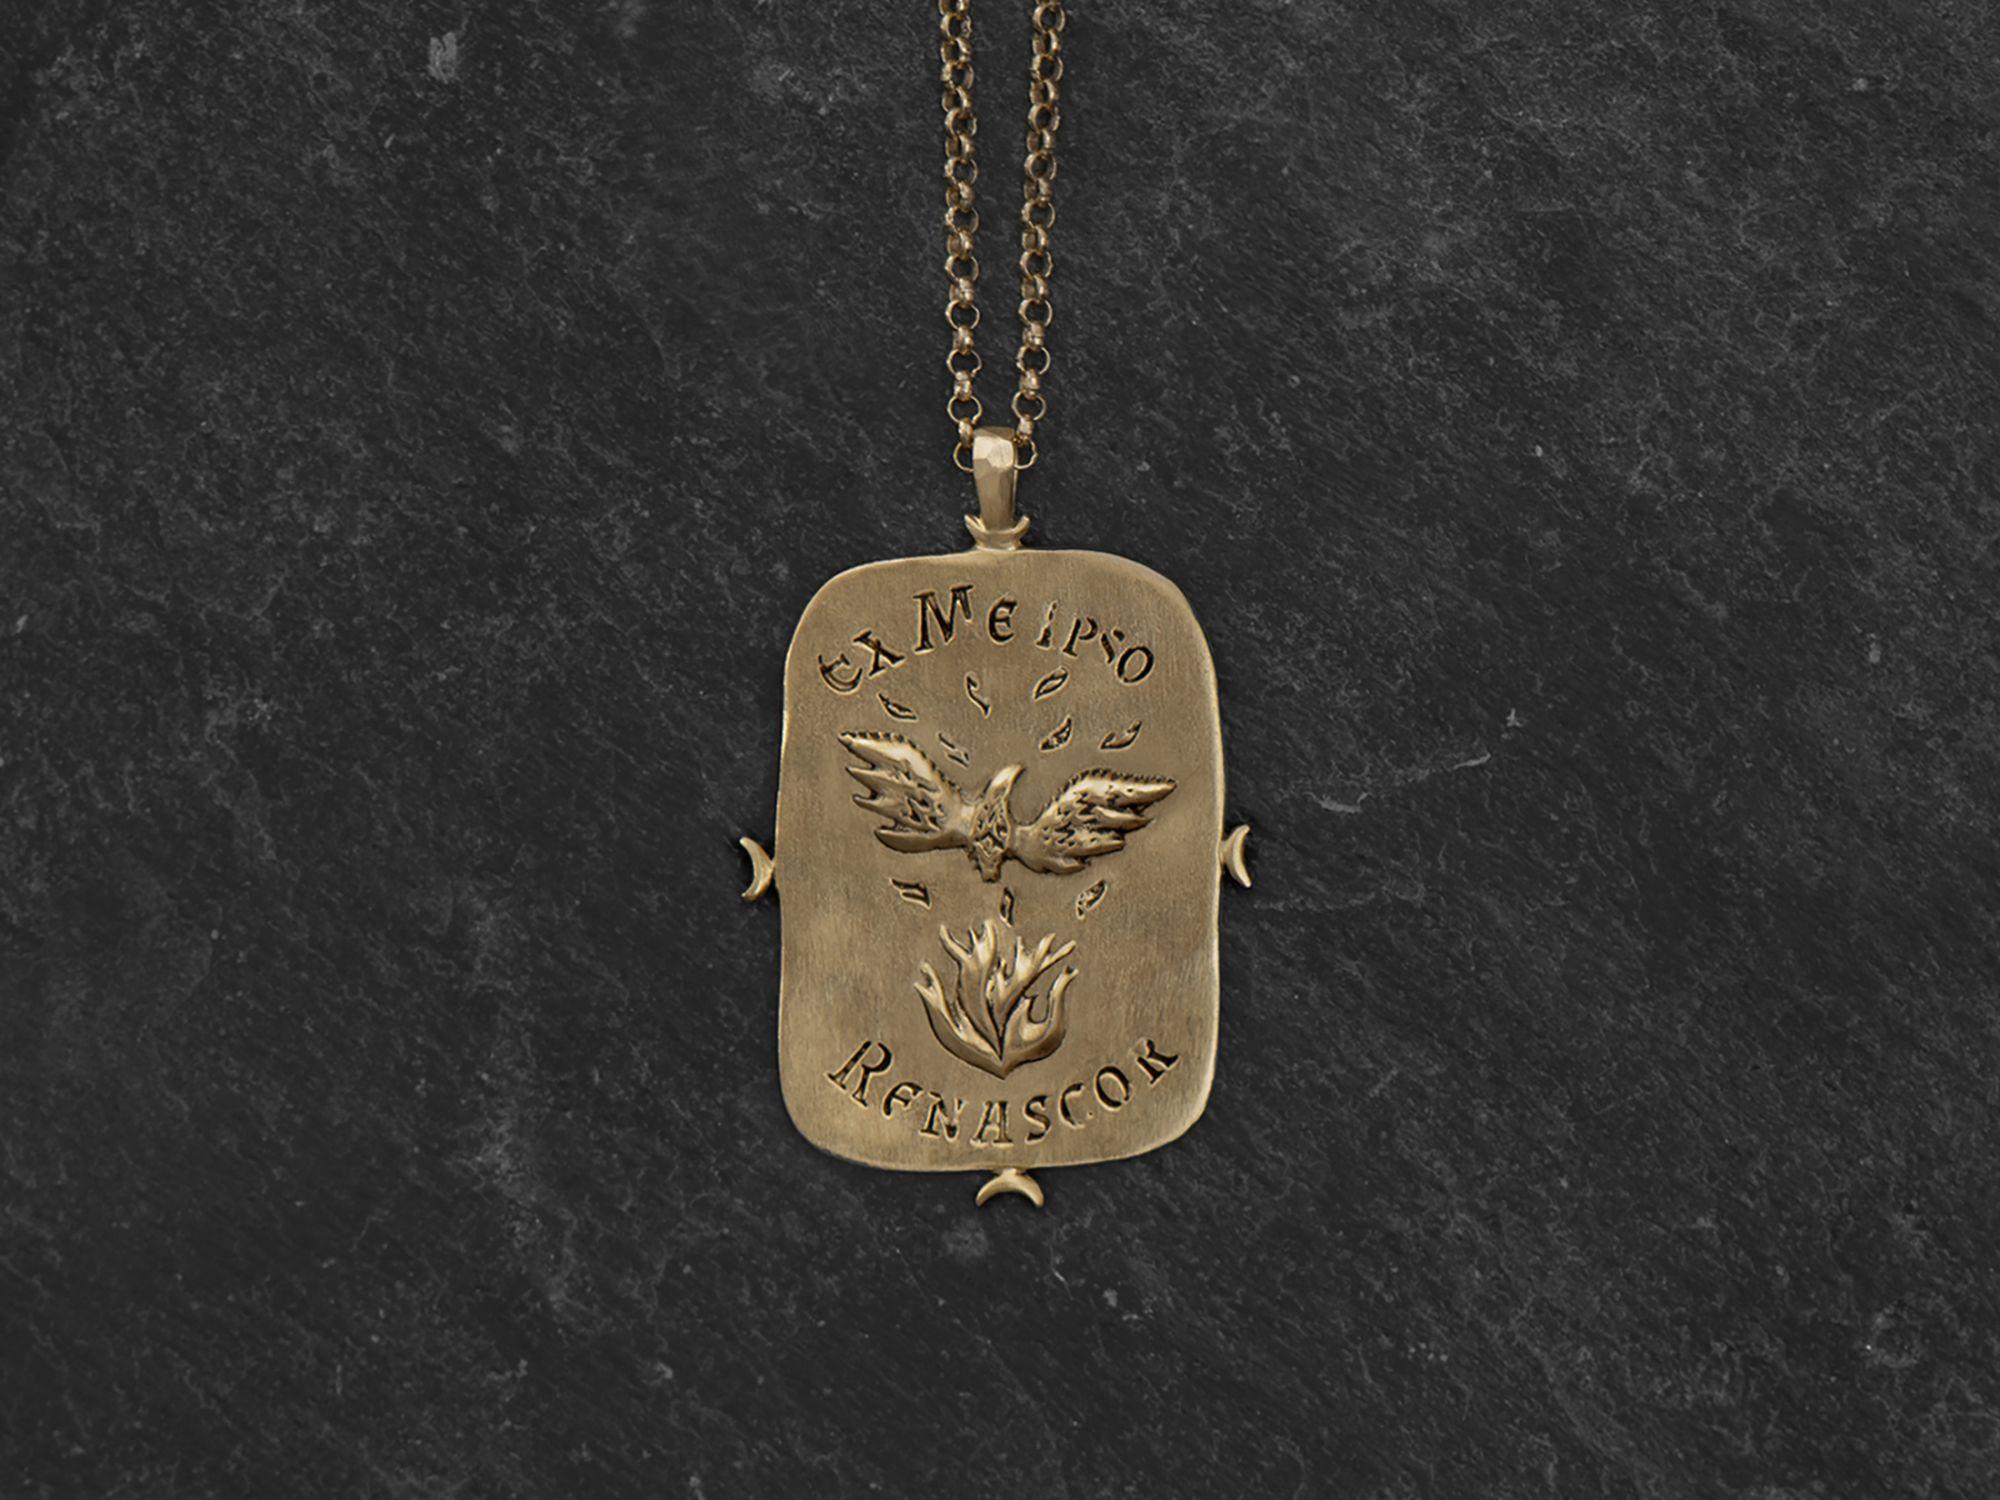 Phenix vermeil necklace by Emmanuelle Zysman